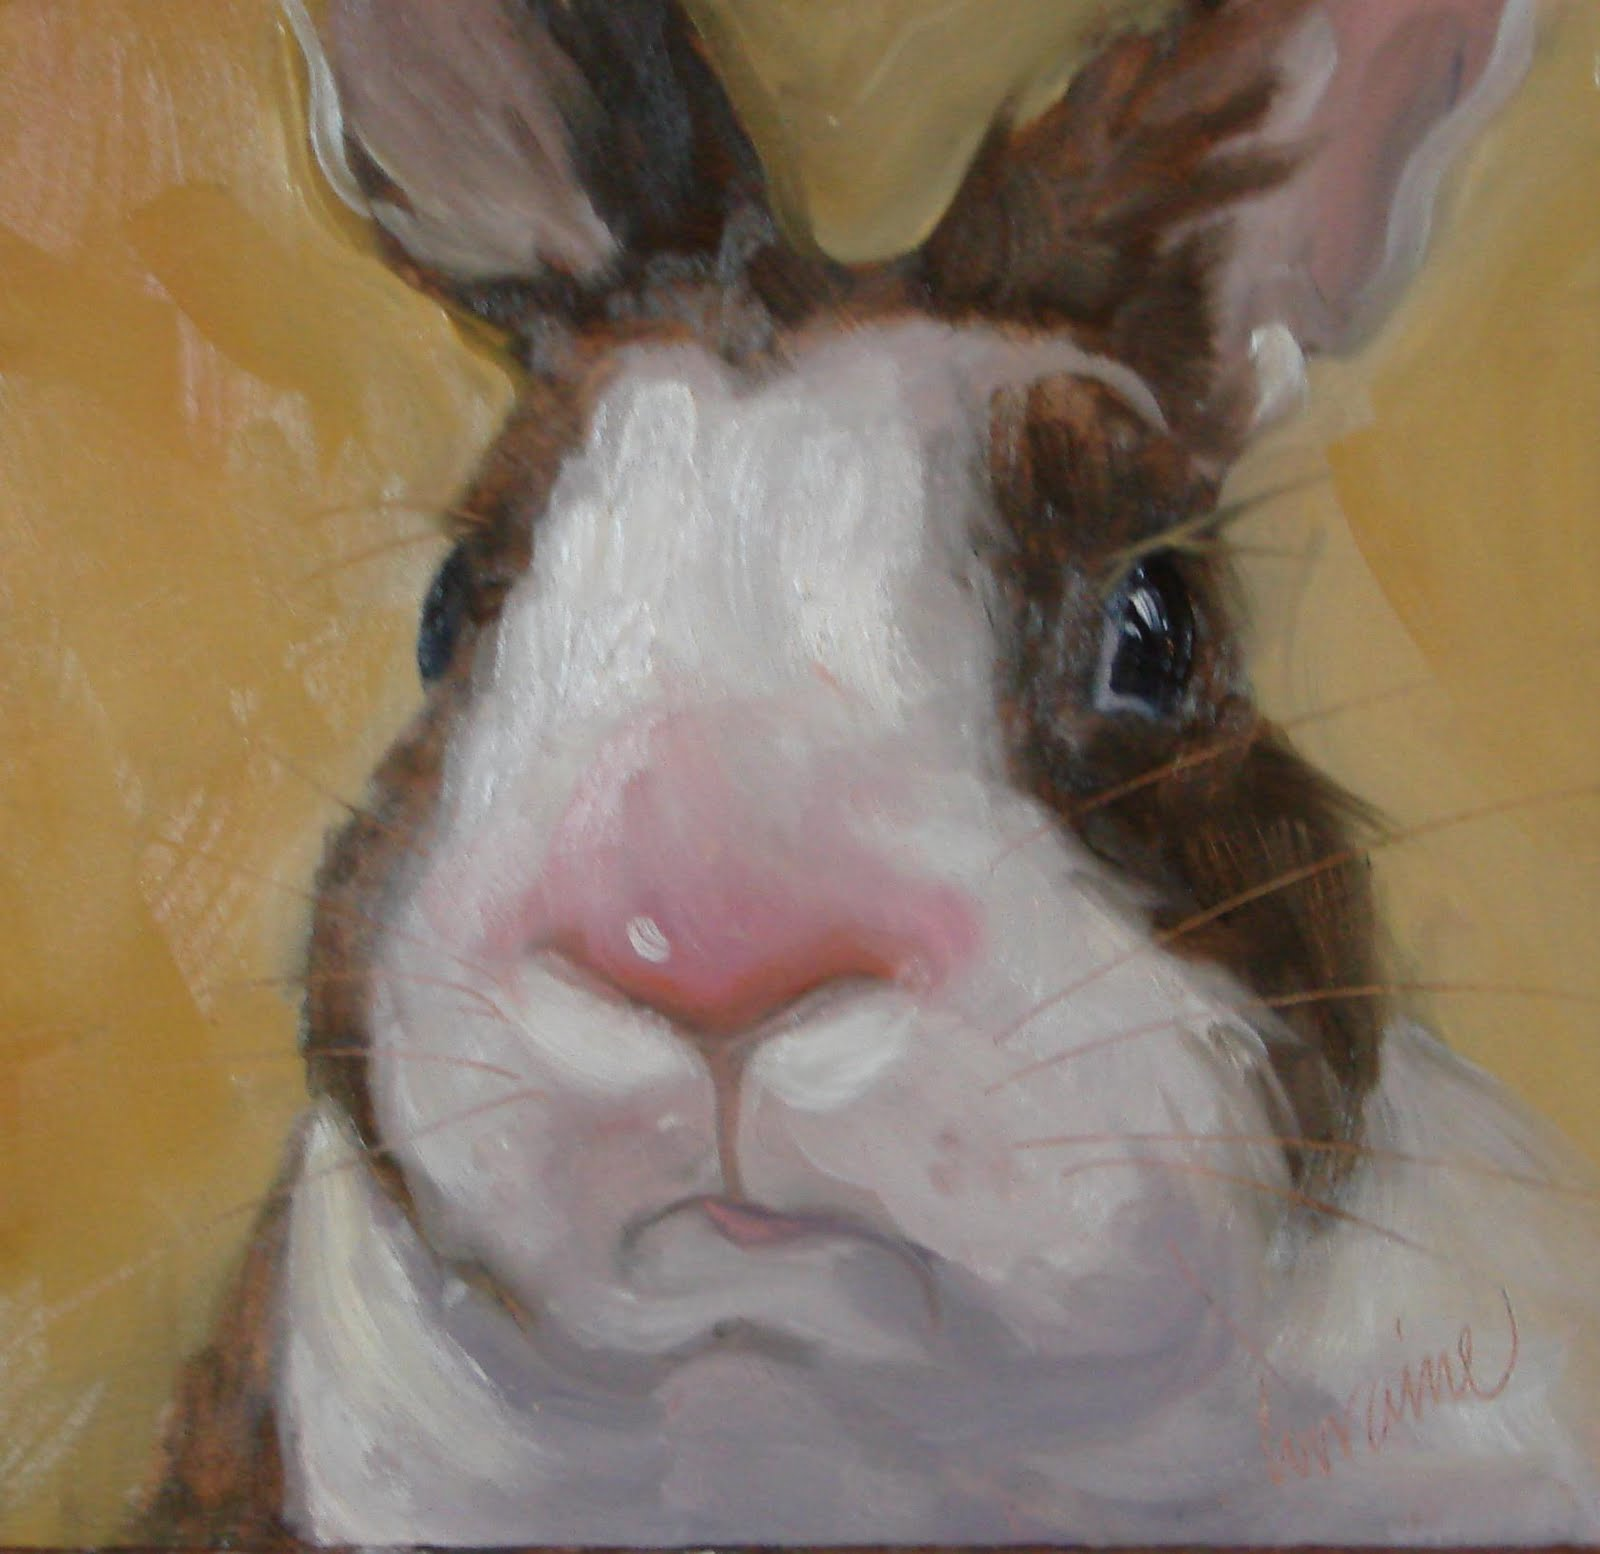 White rabbit painting - photo#20